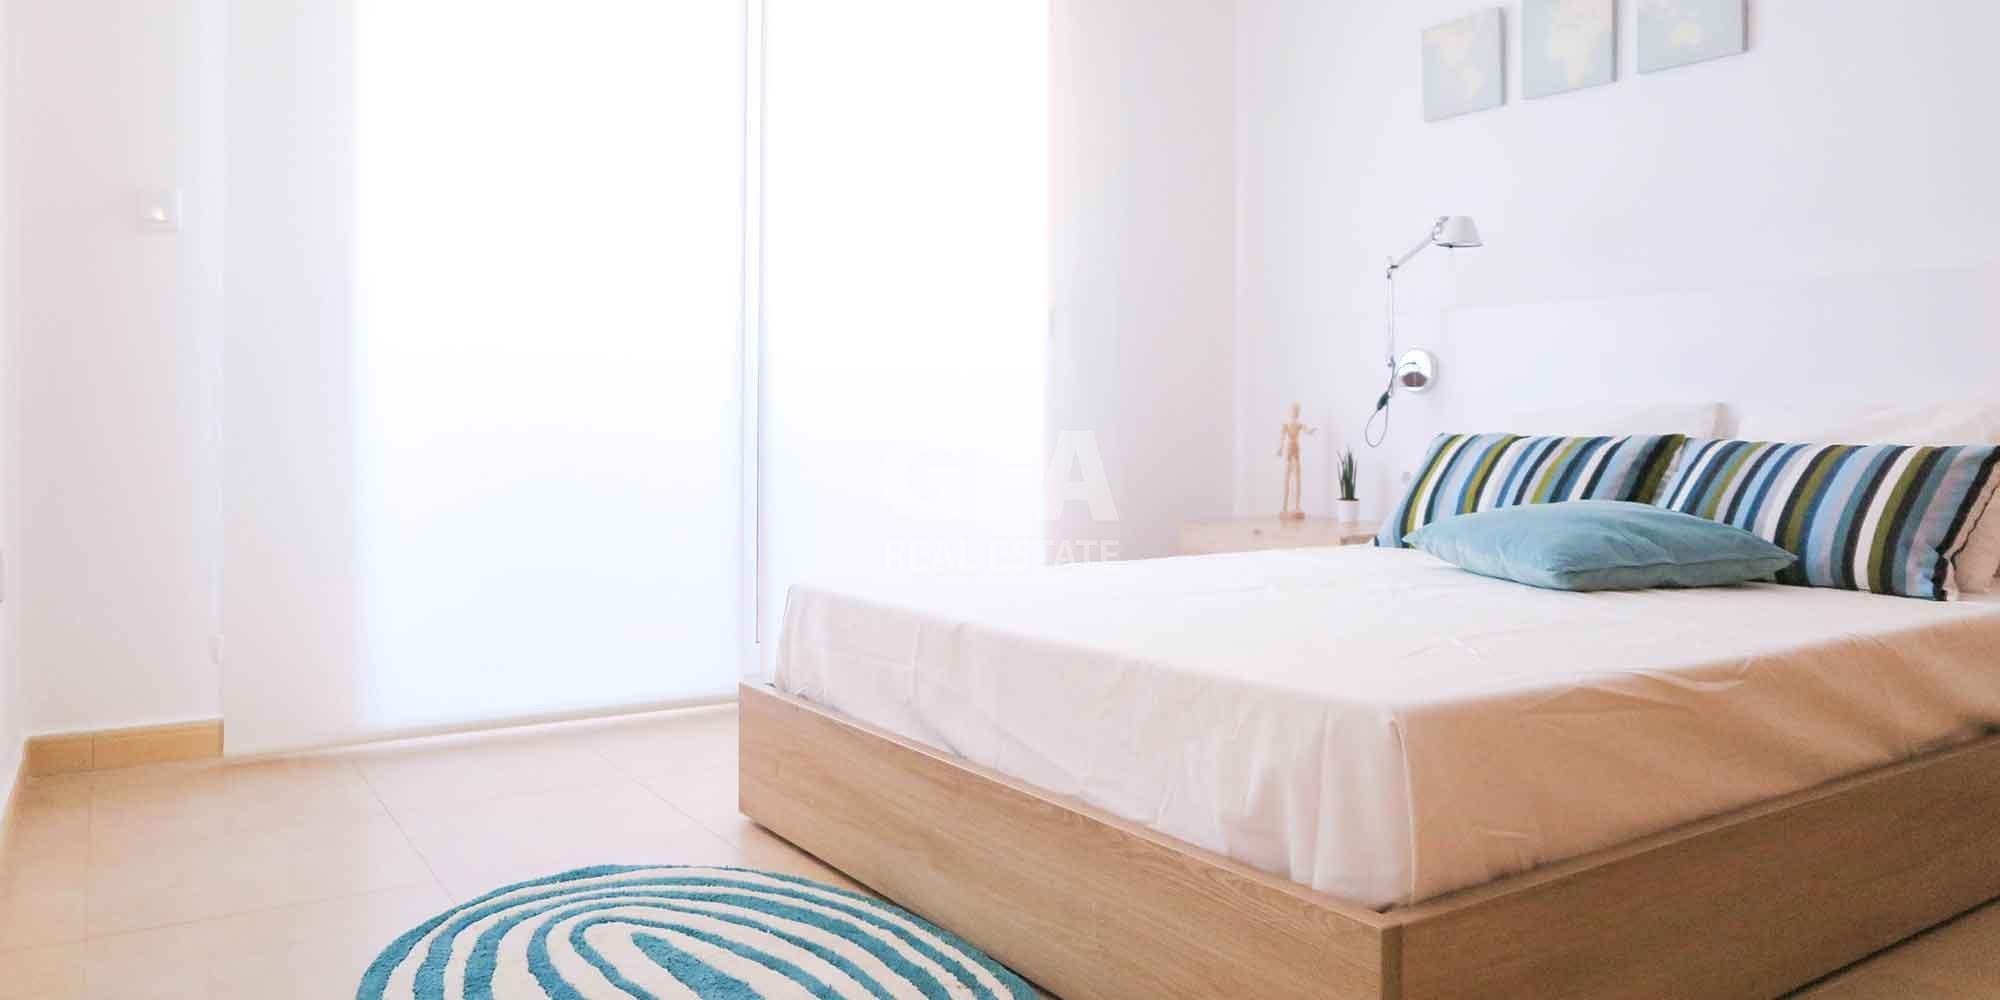 Residencial obra nueva Mar Menor Golf Resort dormitorio